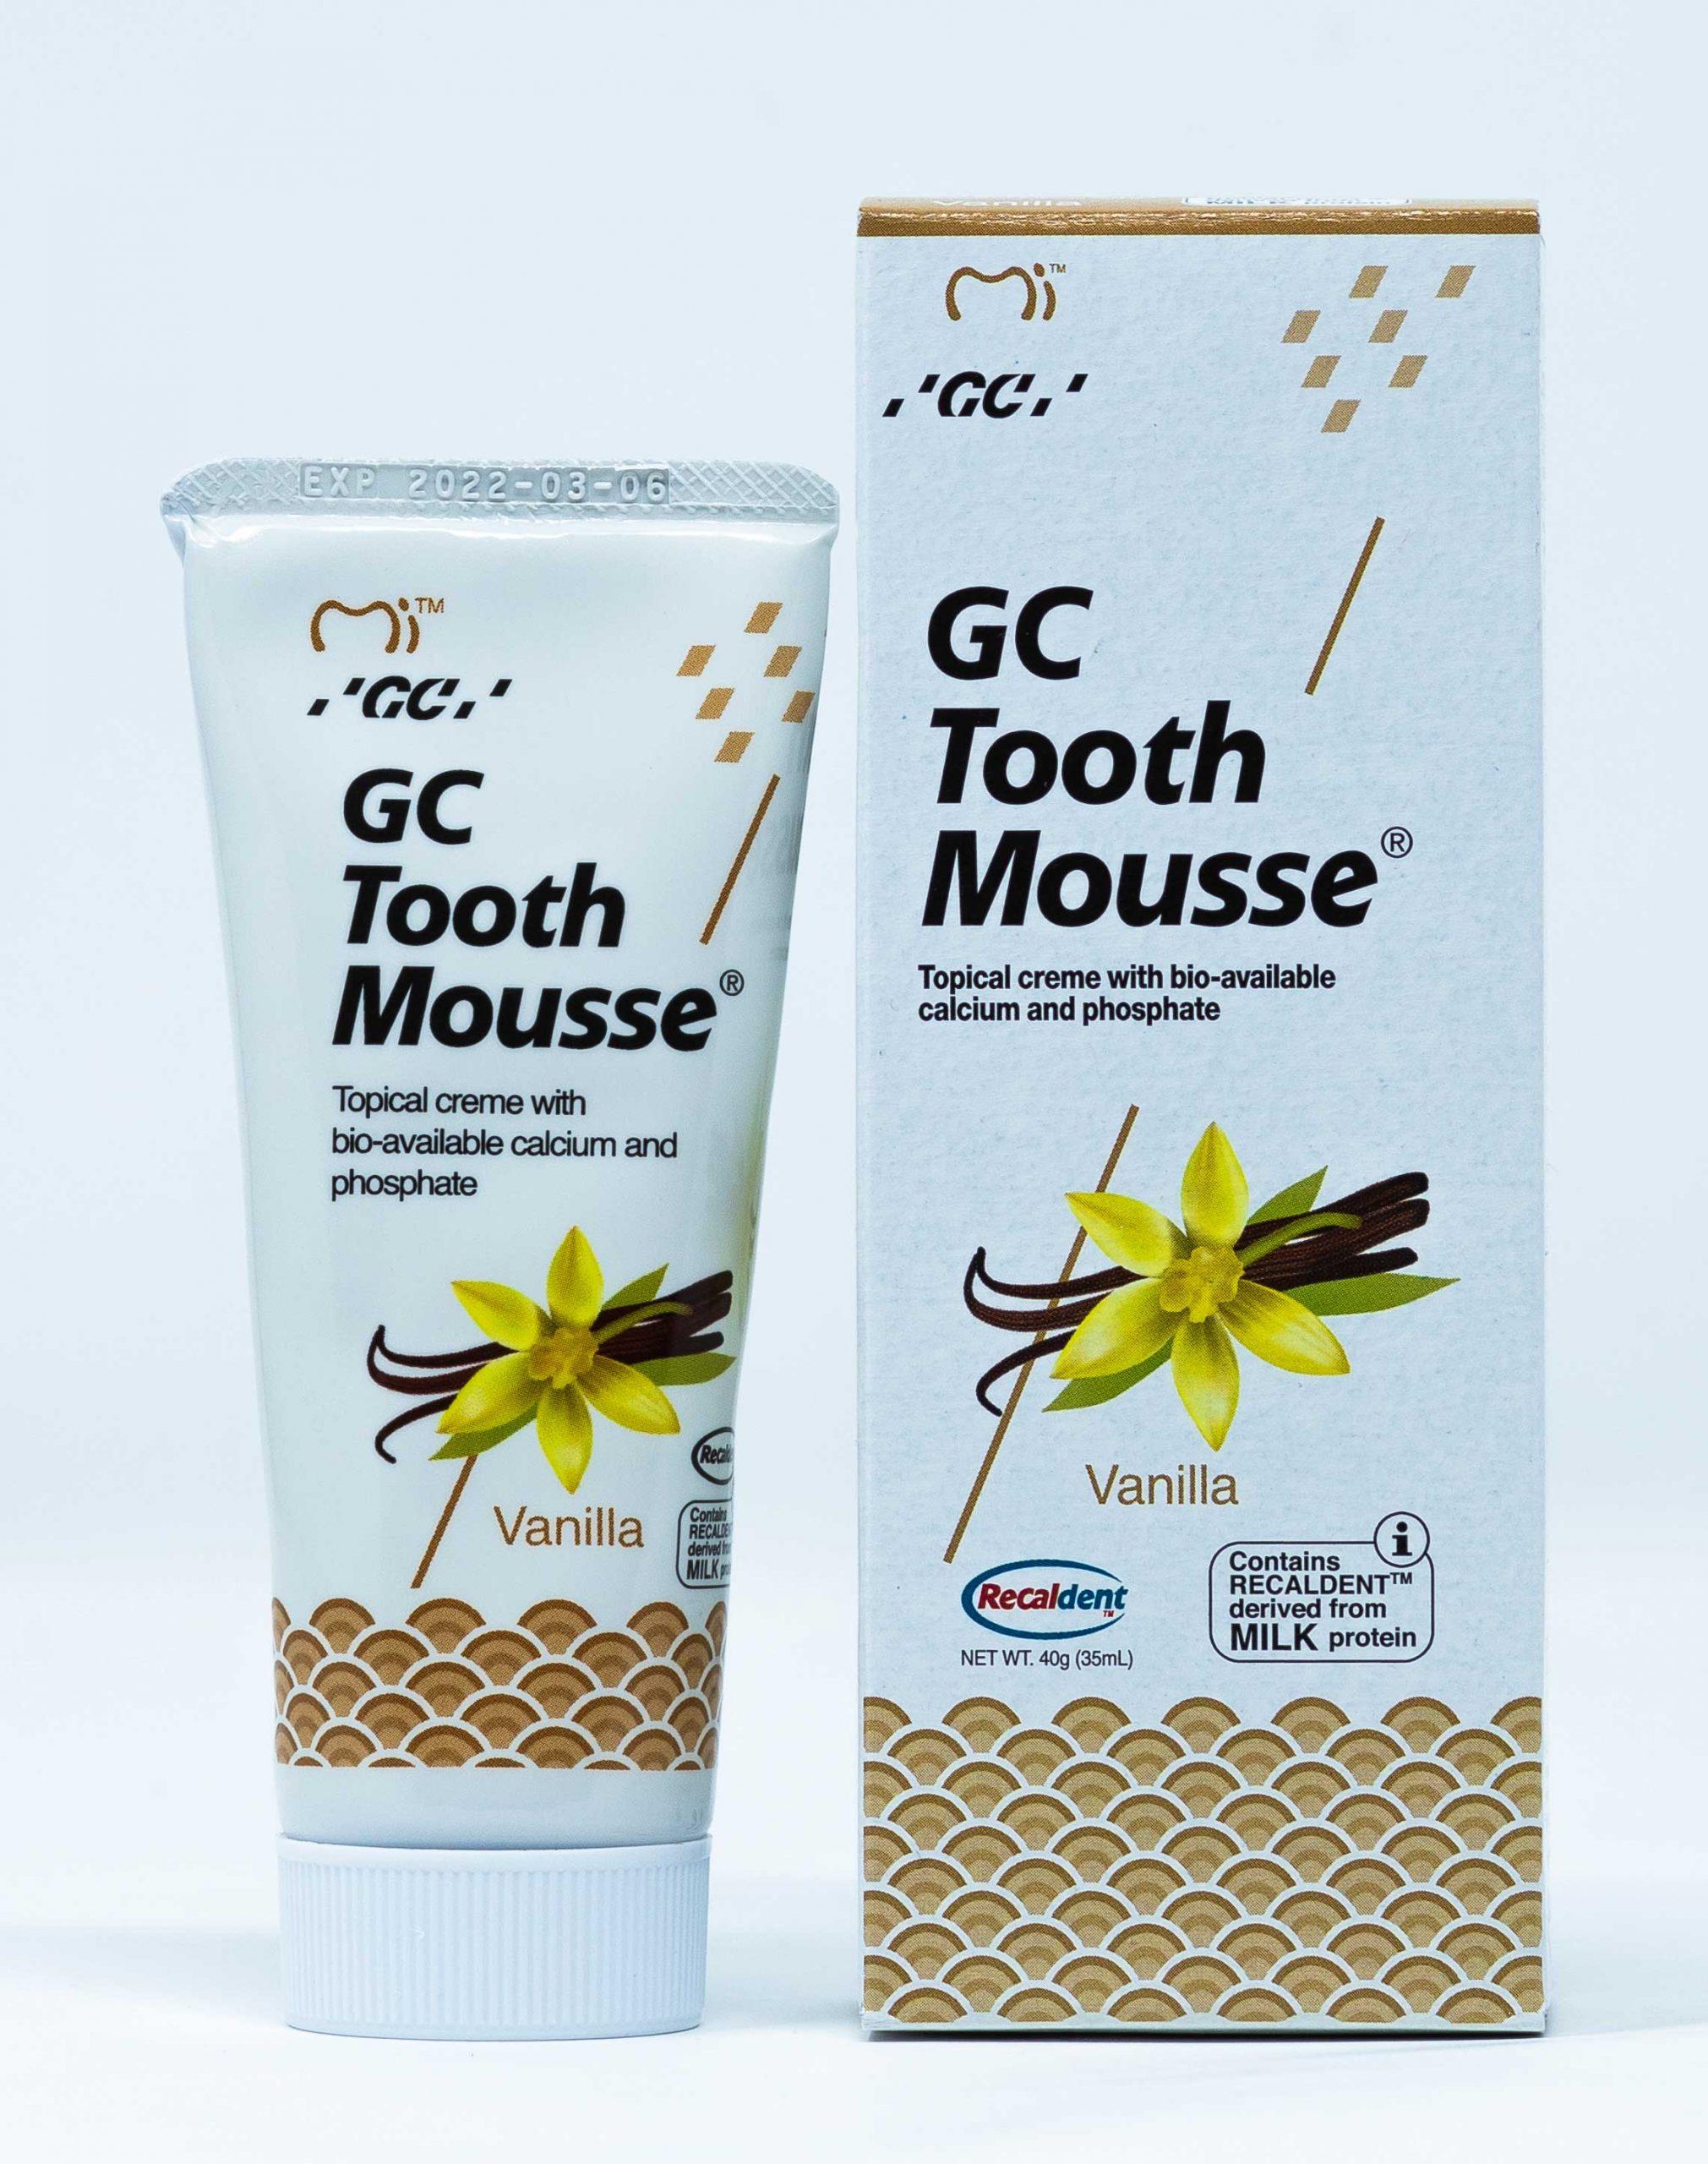 GC Crema Remineralizzante Tooth Mousse Vaniglia - 40 g